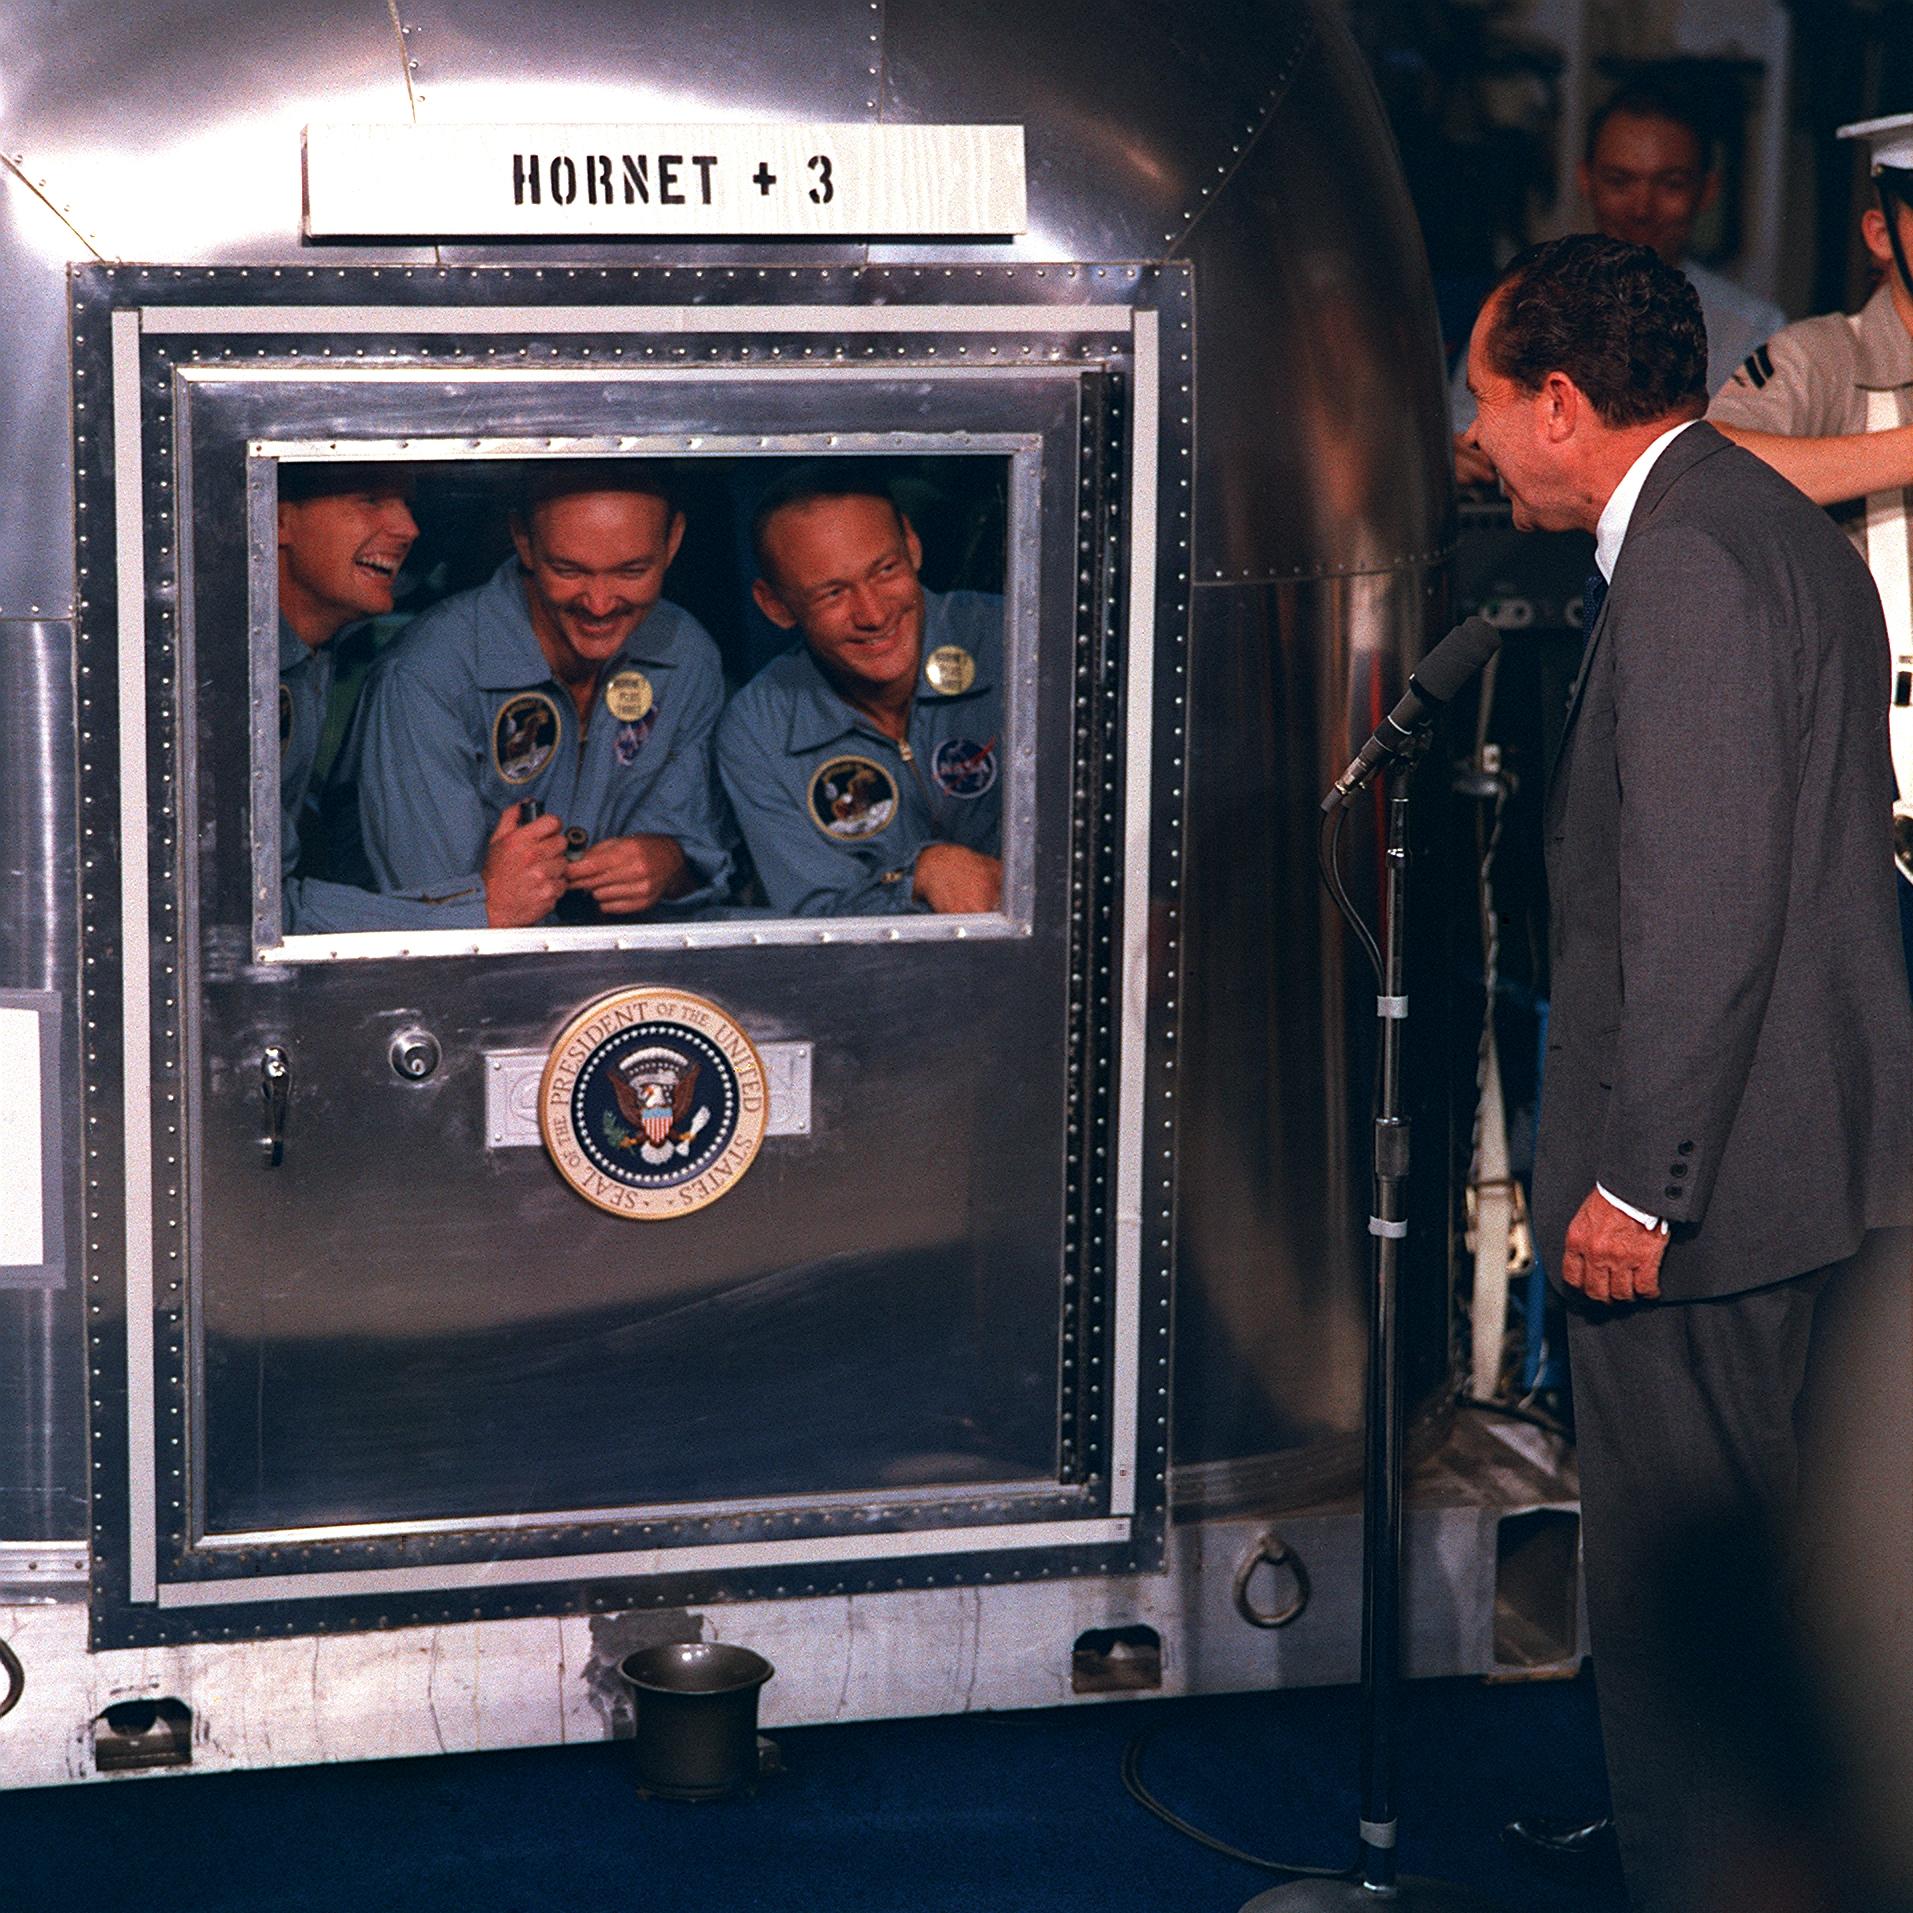 अंतरिक्ष यात्री अलगाव के दिनो मे निक्सन के साथ